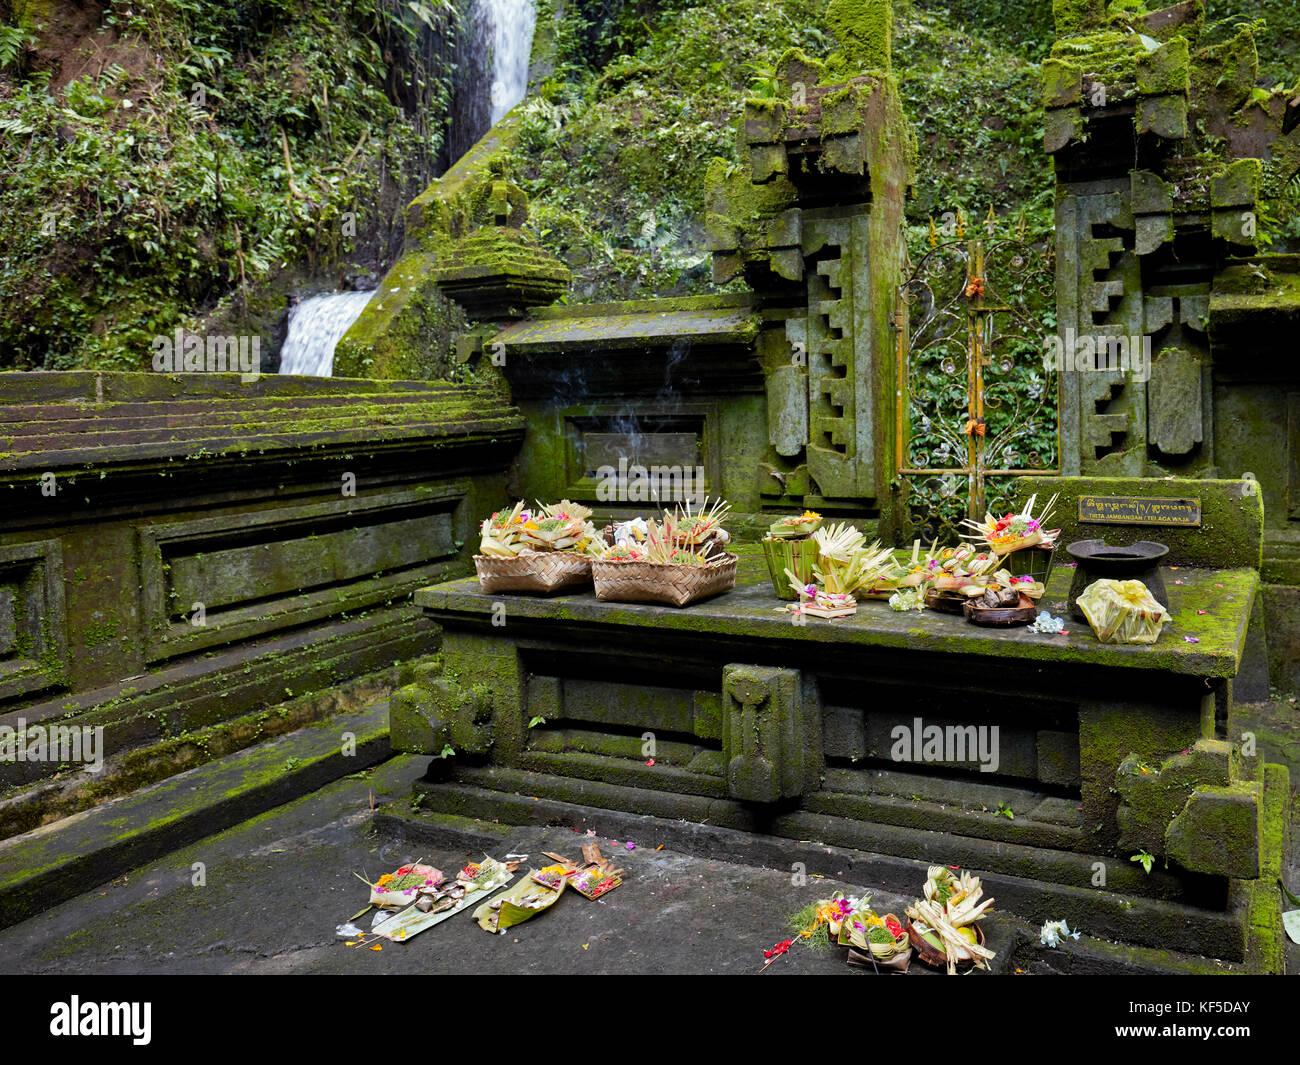 Autel avec des offrandes dans le Temple Mengening. Tampaksiring, Bali, Indonésie. Photo Stock